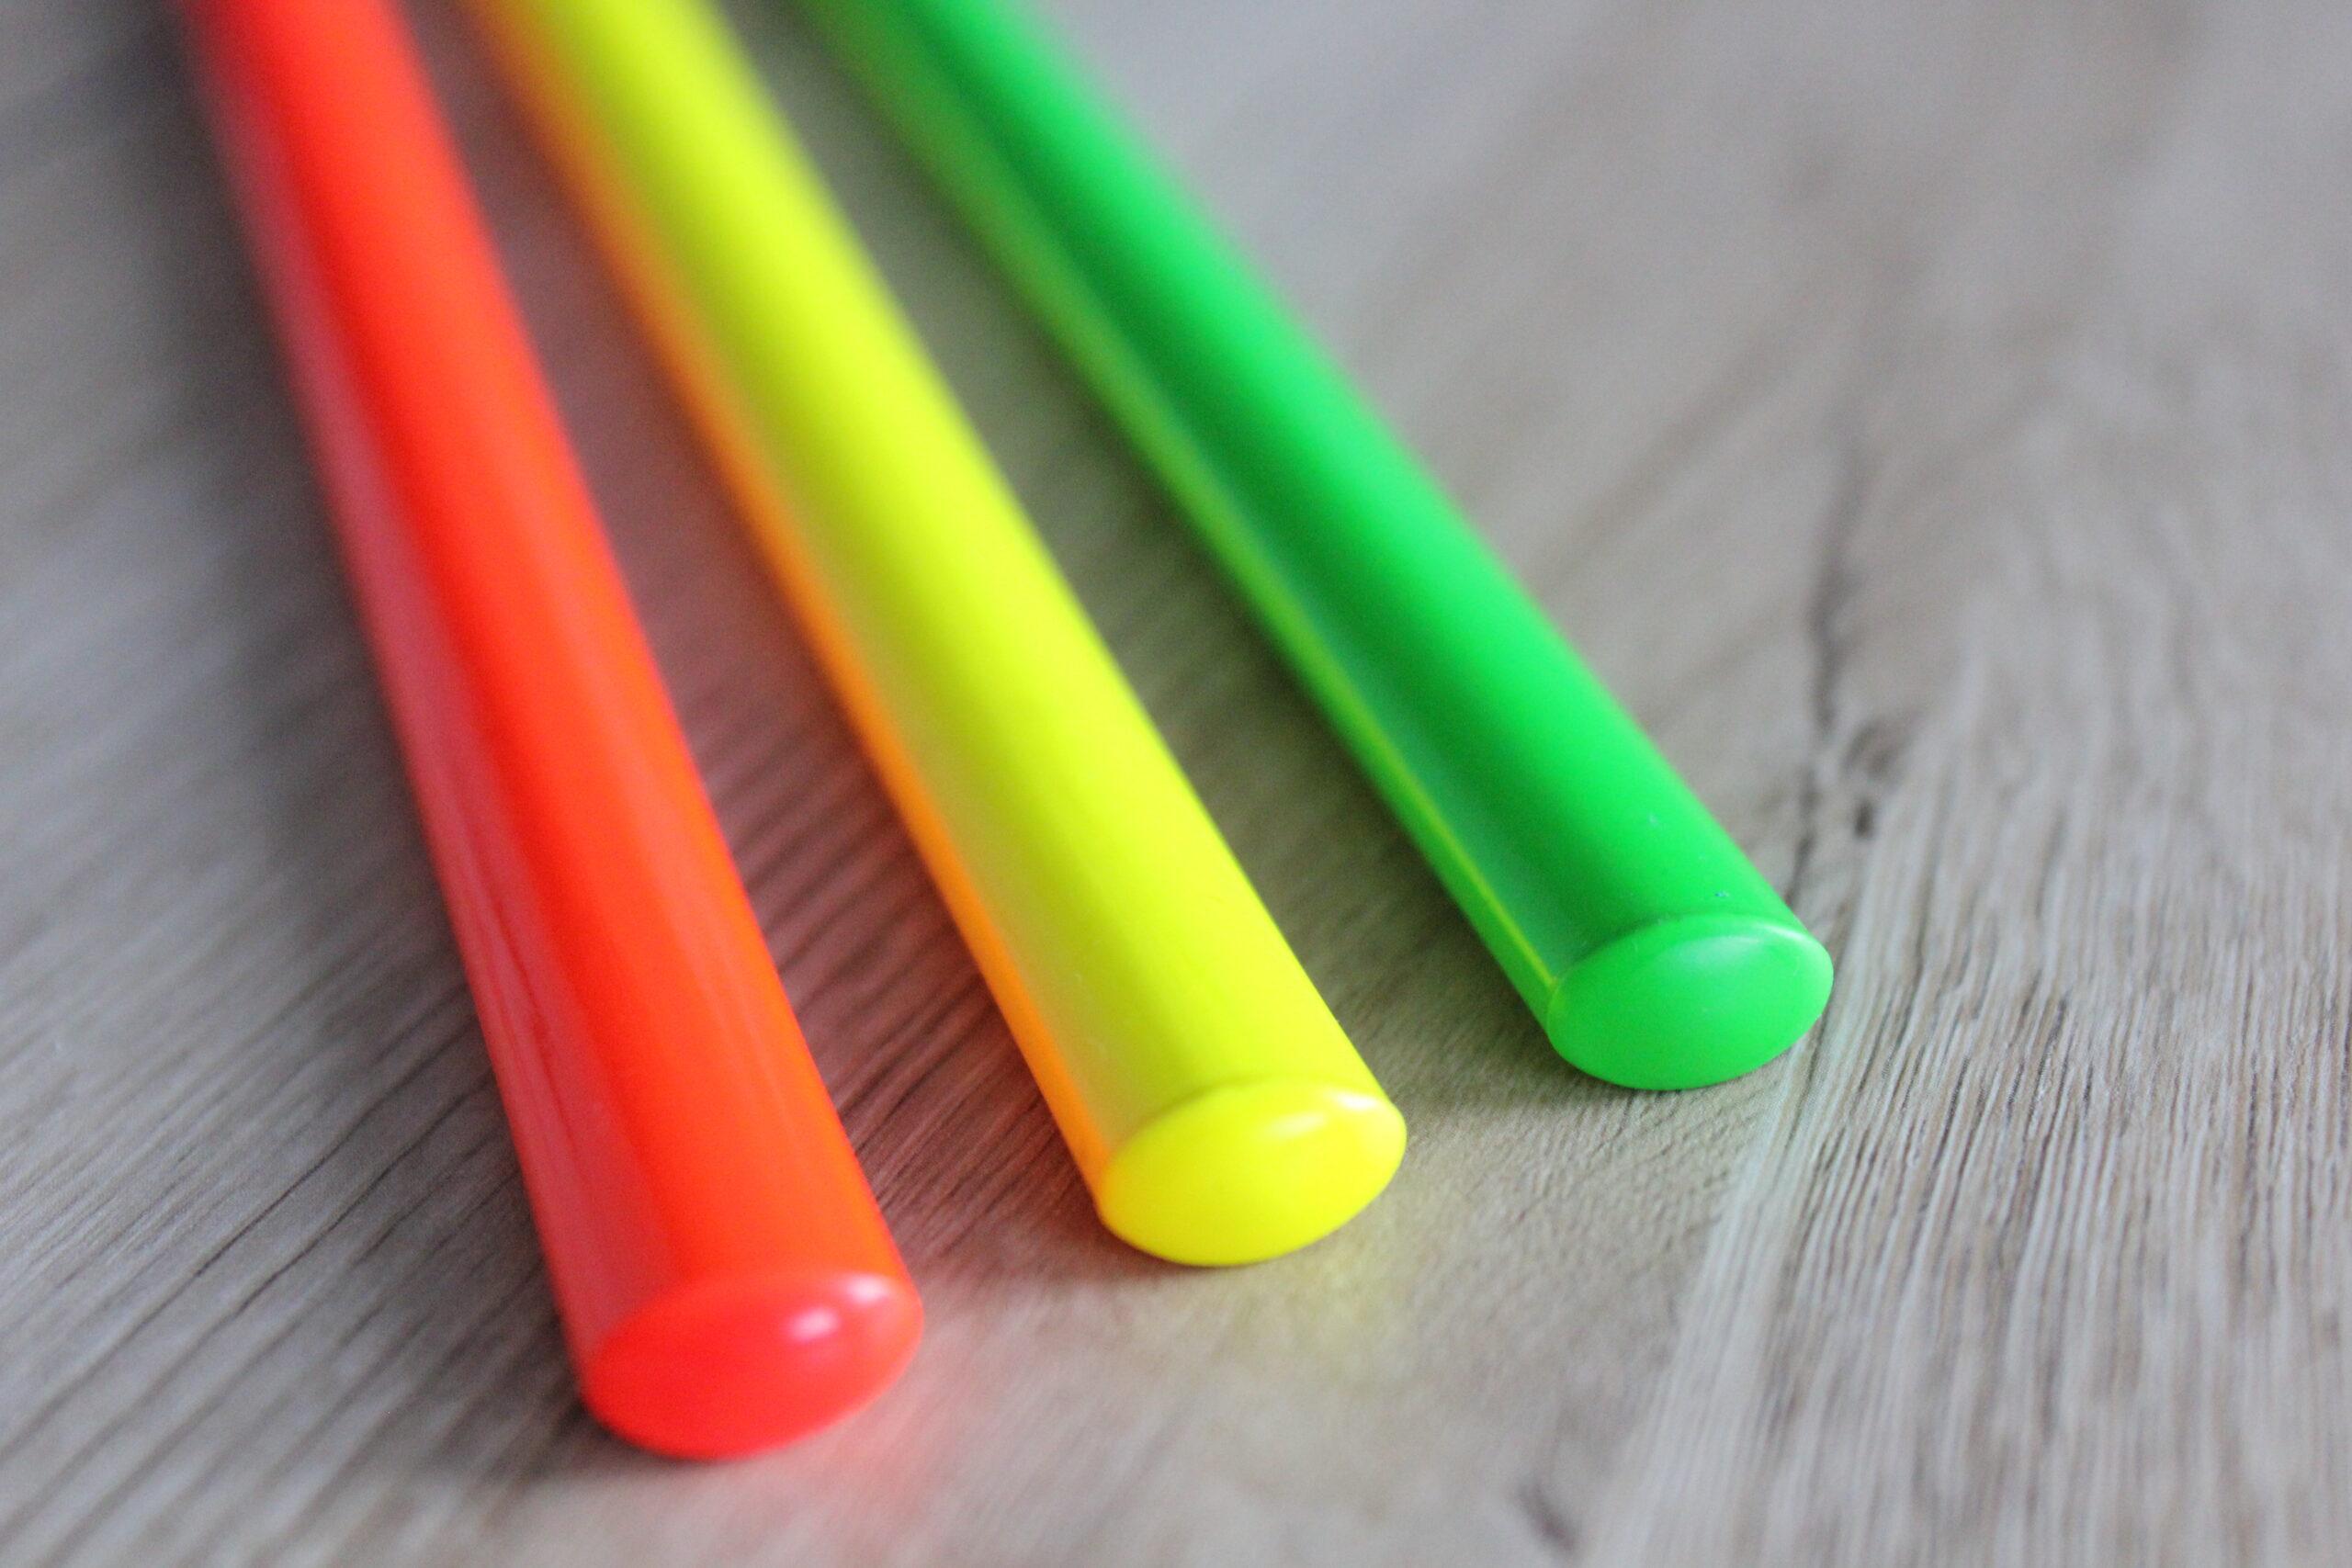 Auffallend - Exklusiv - NEU!  Zollstöcke und Baustifte in Neonfarben